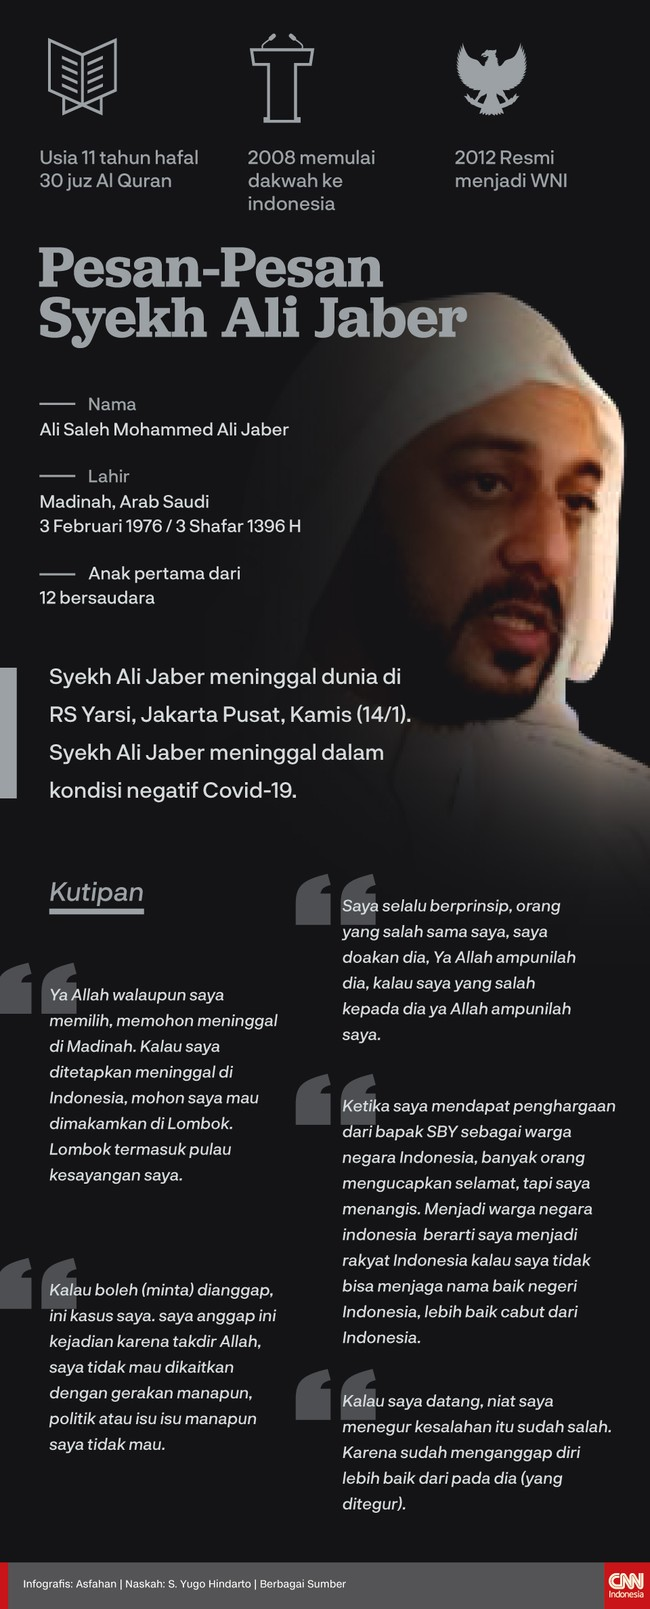 Syekh Ali Jaber yang meninggal dalam perawatan intensif rumah sakit semasa hidupnya dikenal sebagai ulama berkharisma asal Madinah.